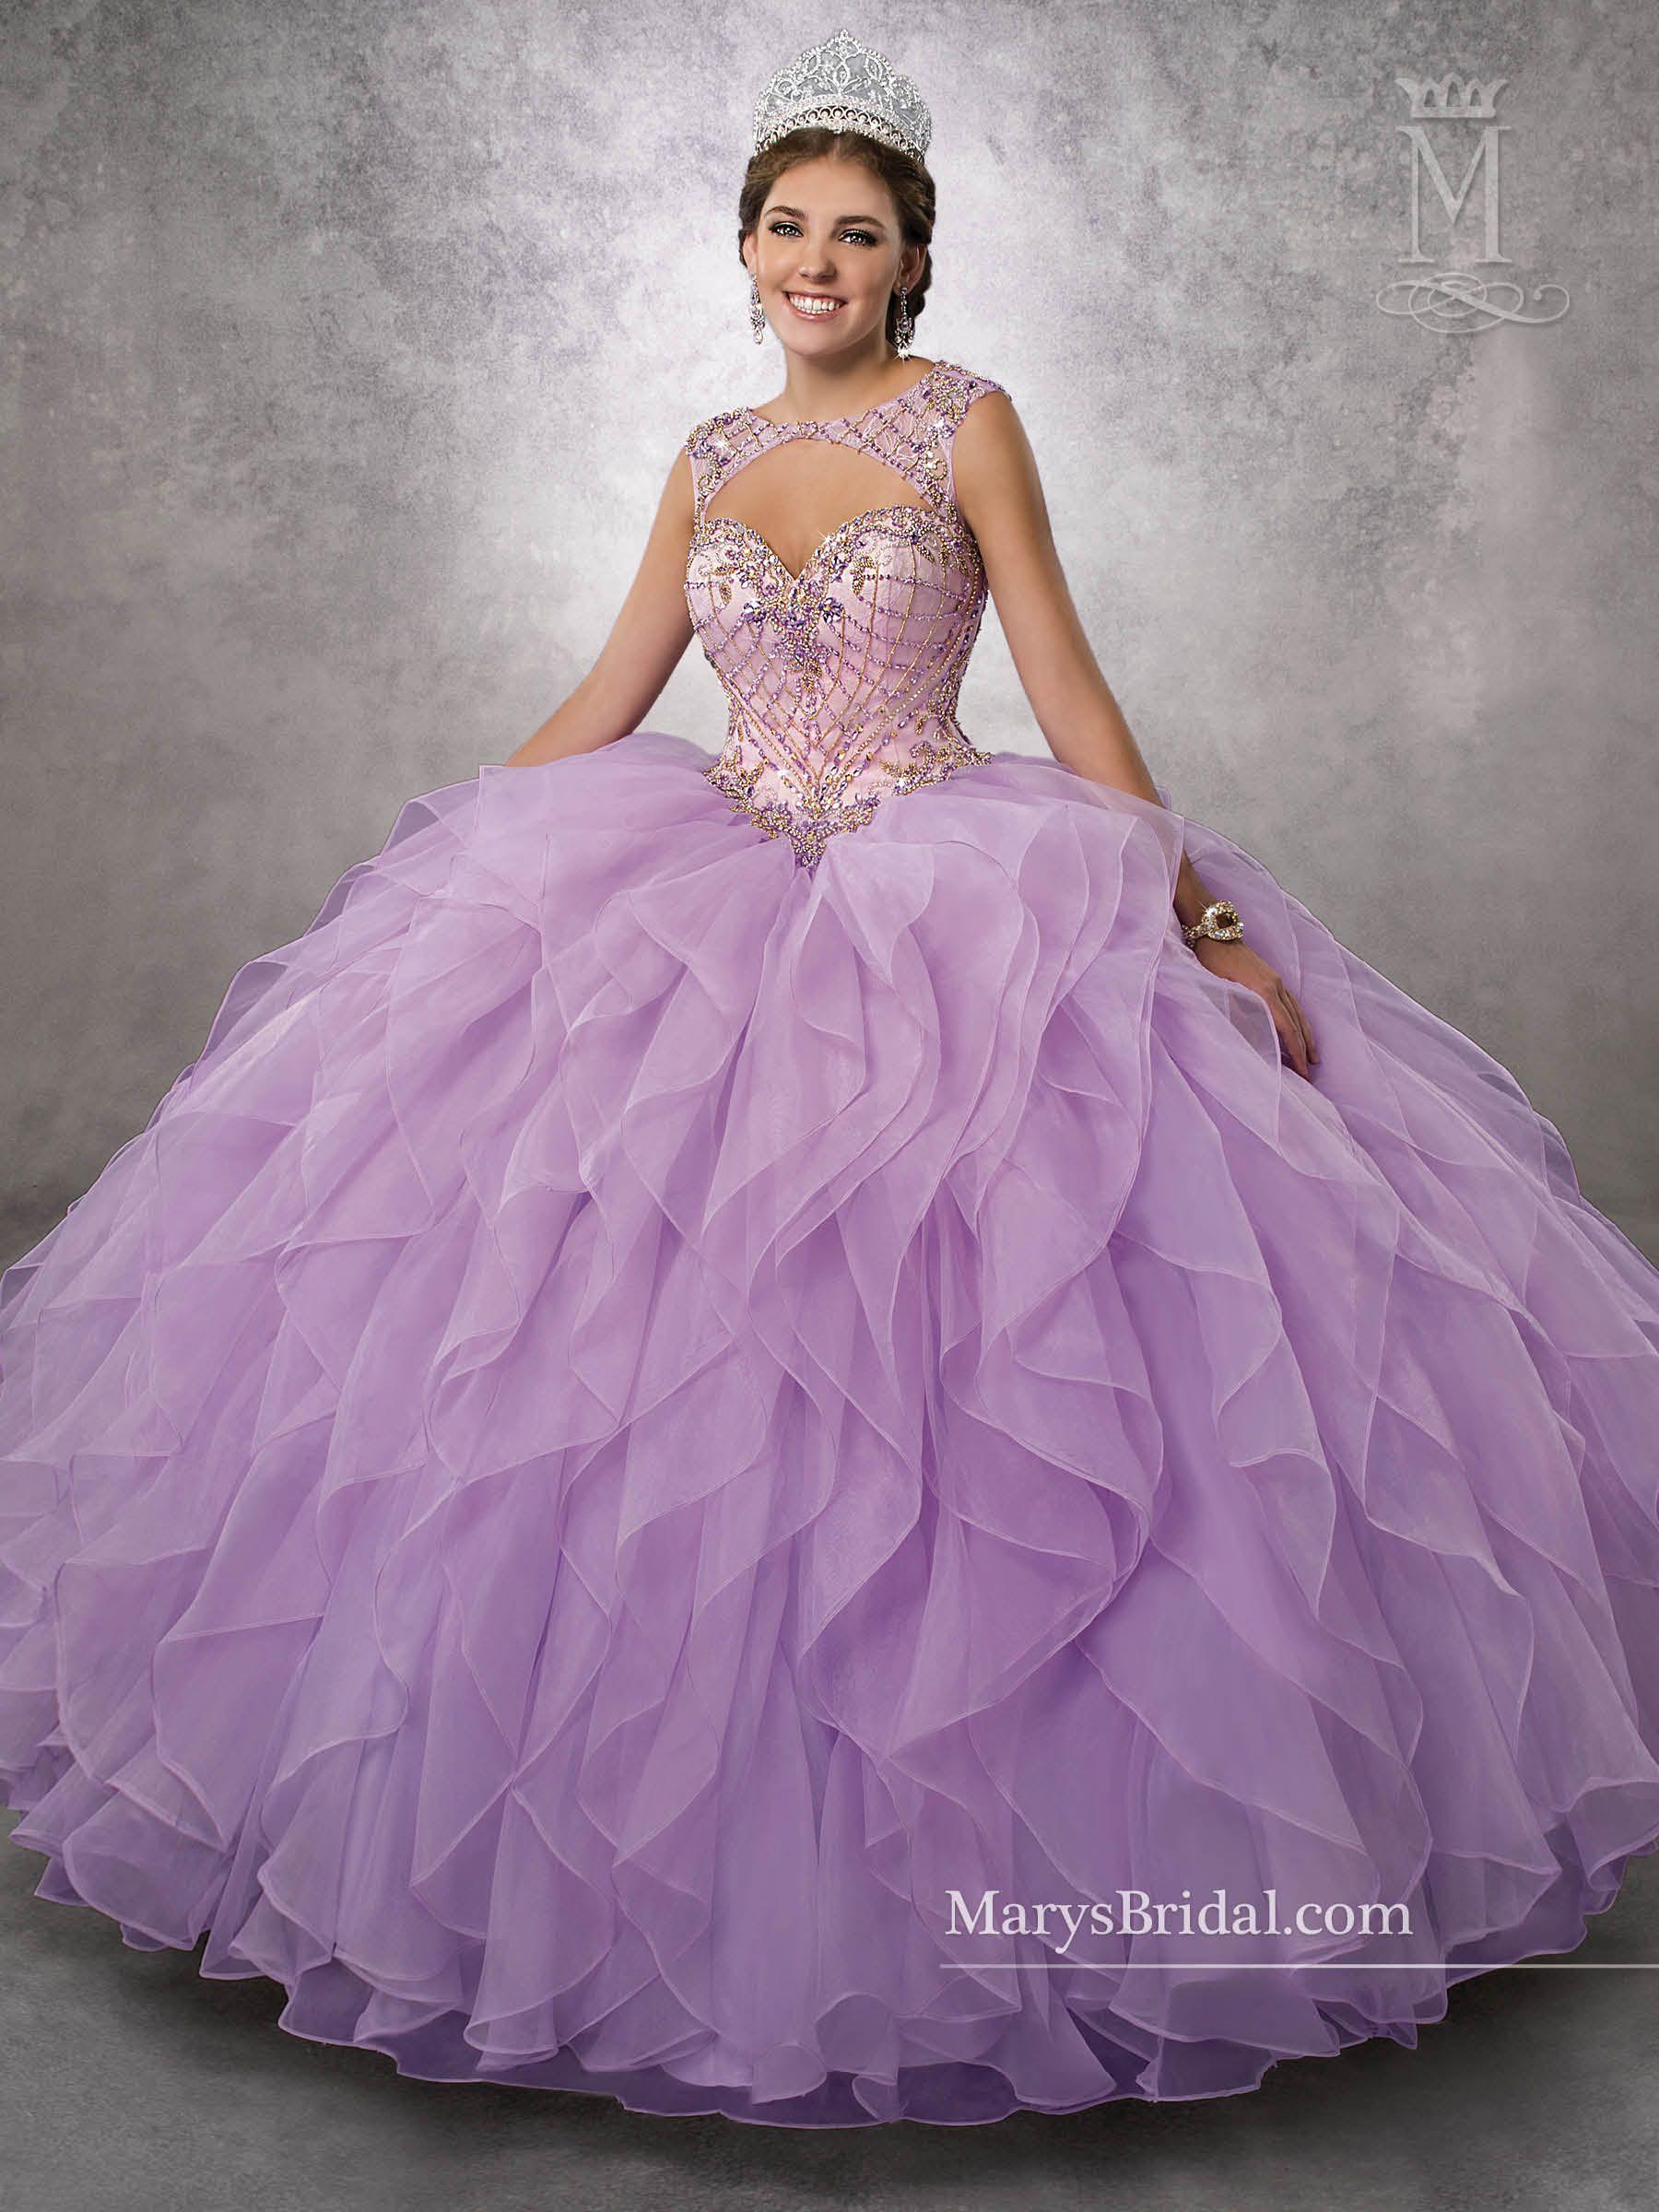 Collection: Quinceanera - Princess STYLE: S17-4Q492 Description: A ...